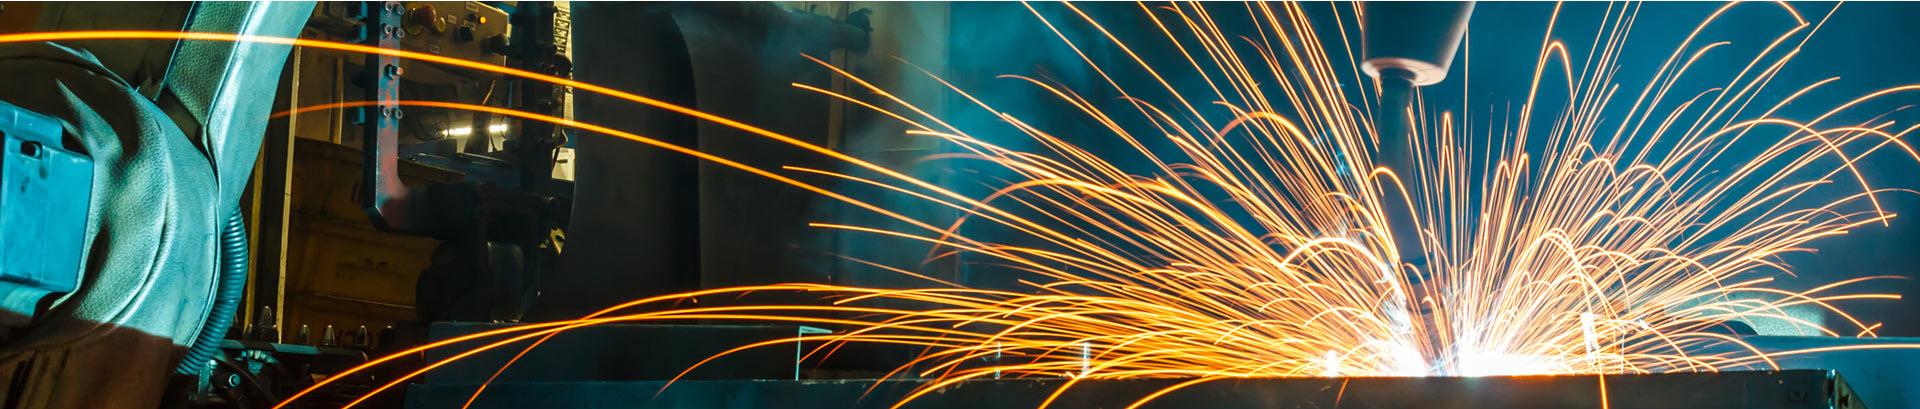 Connectors for welding equipment